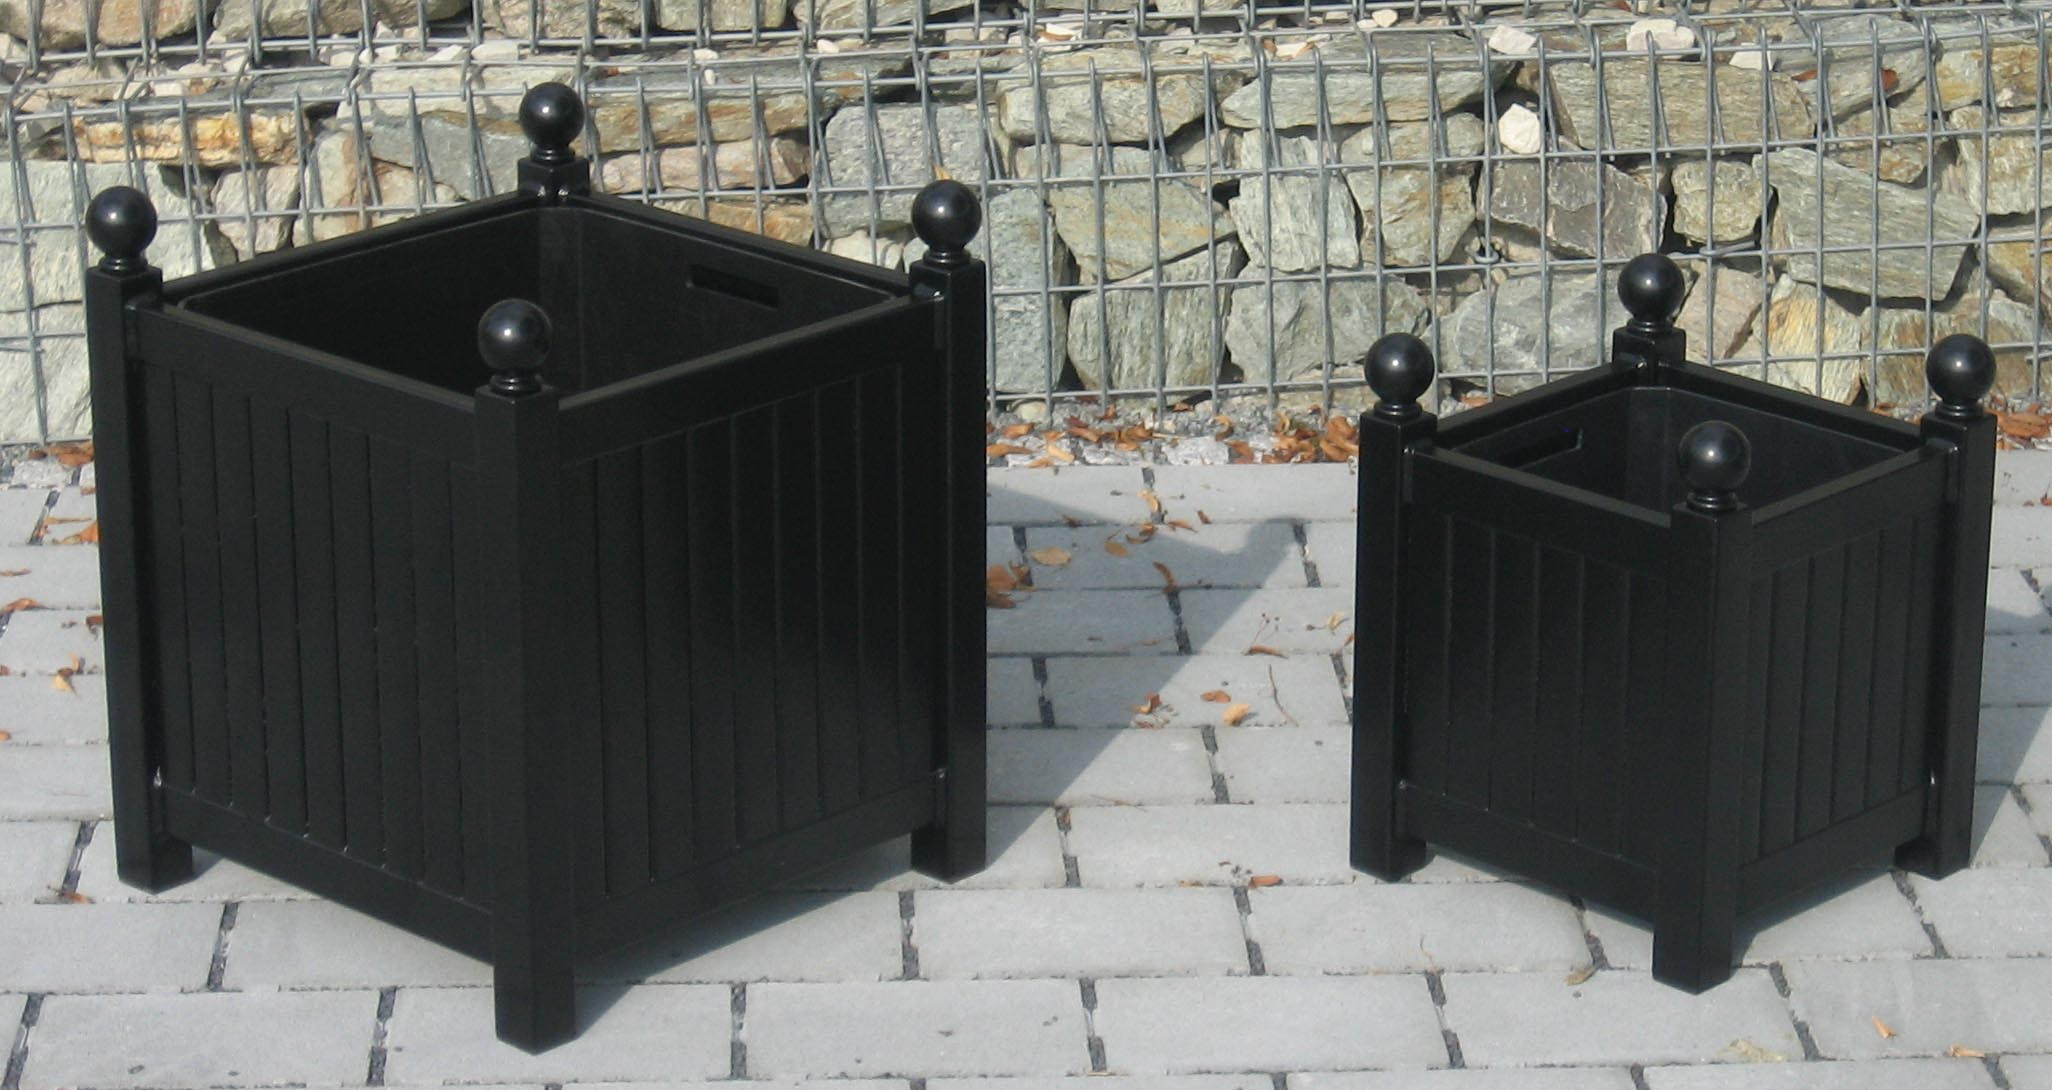 Kleiner Versailler Pflanzkübel im Vergleich zum Großen Versailler Pflanzkübel